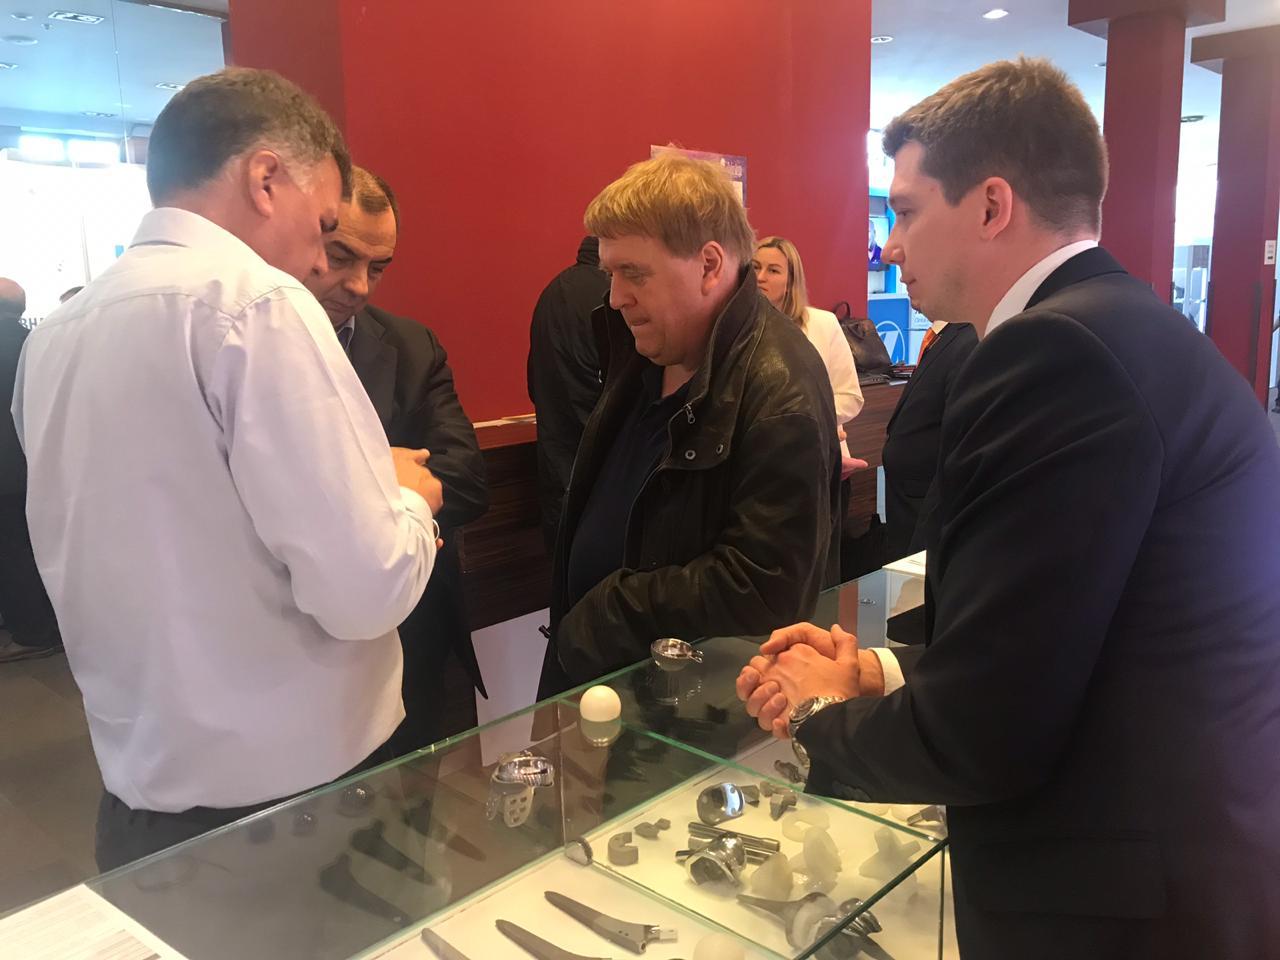 Dr FIQUET et Dr BONNARD sur le stand de Smith&Nephew au Vreden's Reading de Saint Petersbourg 2018-1